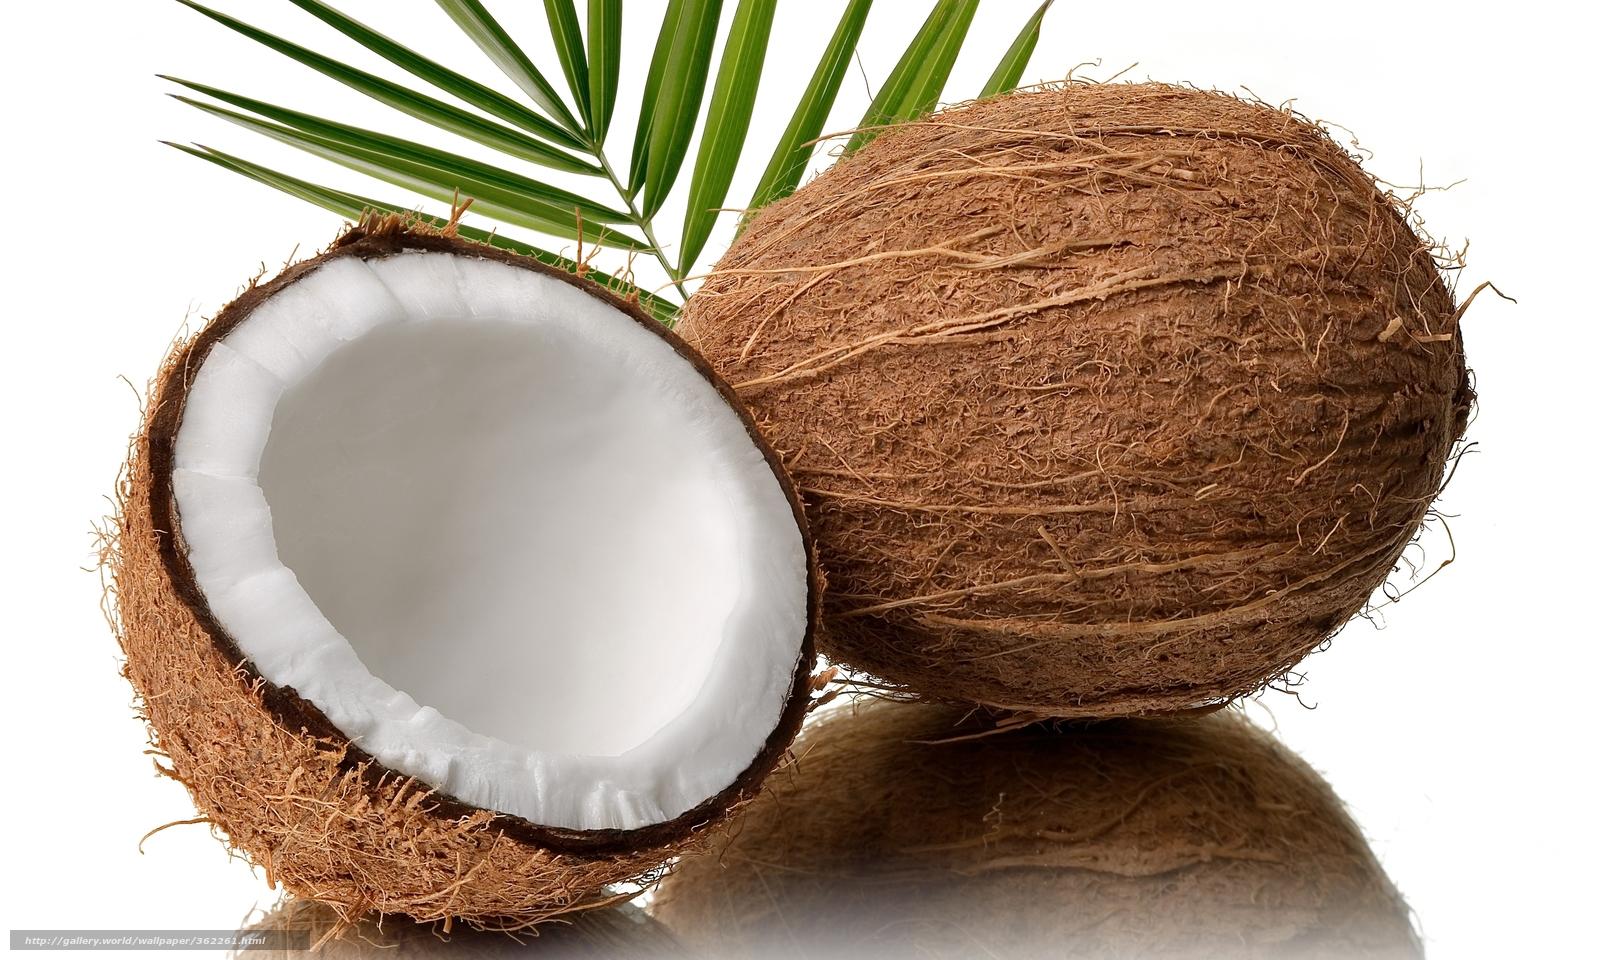 Le before de l'été pour préparer sa peau... 362261_kokos_orex_belyj-fon_5000x3000_www.Gde-Fon.com